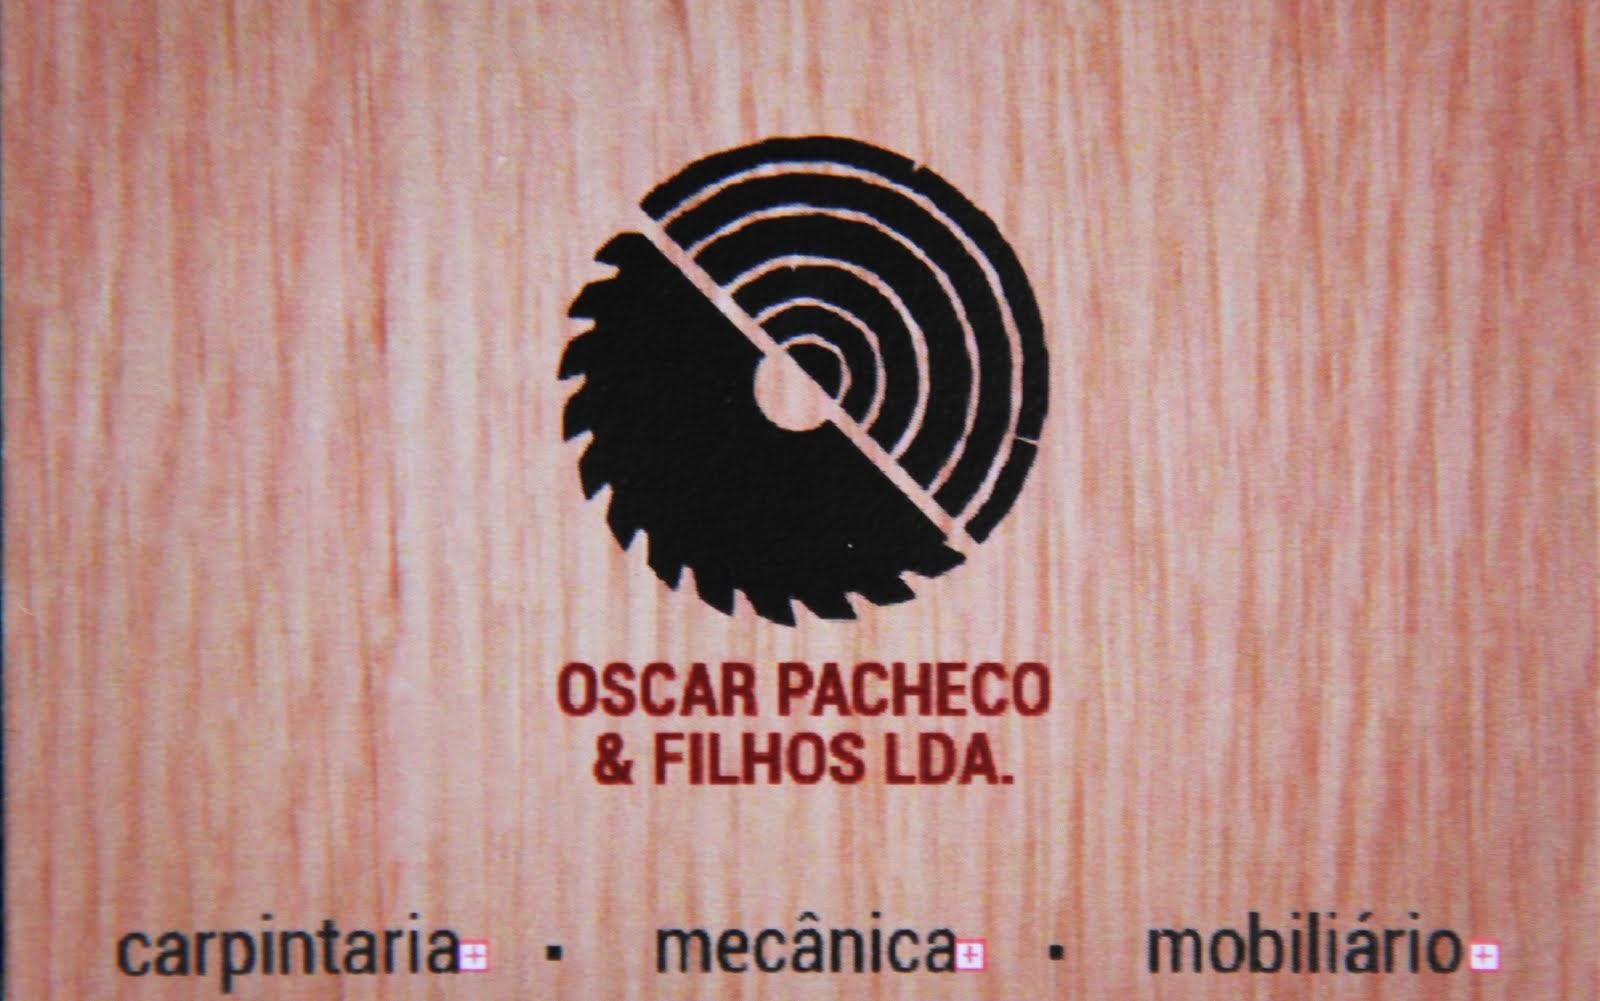 Óscar Pacheco